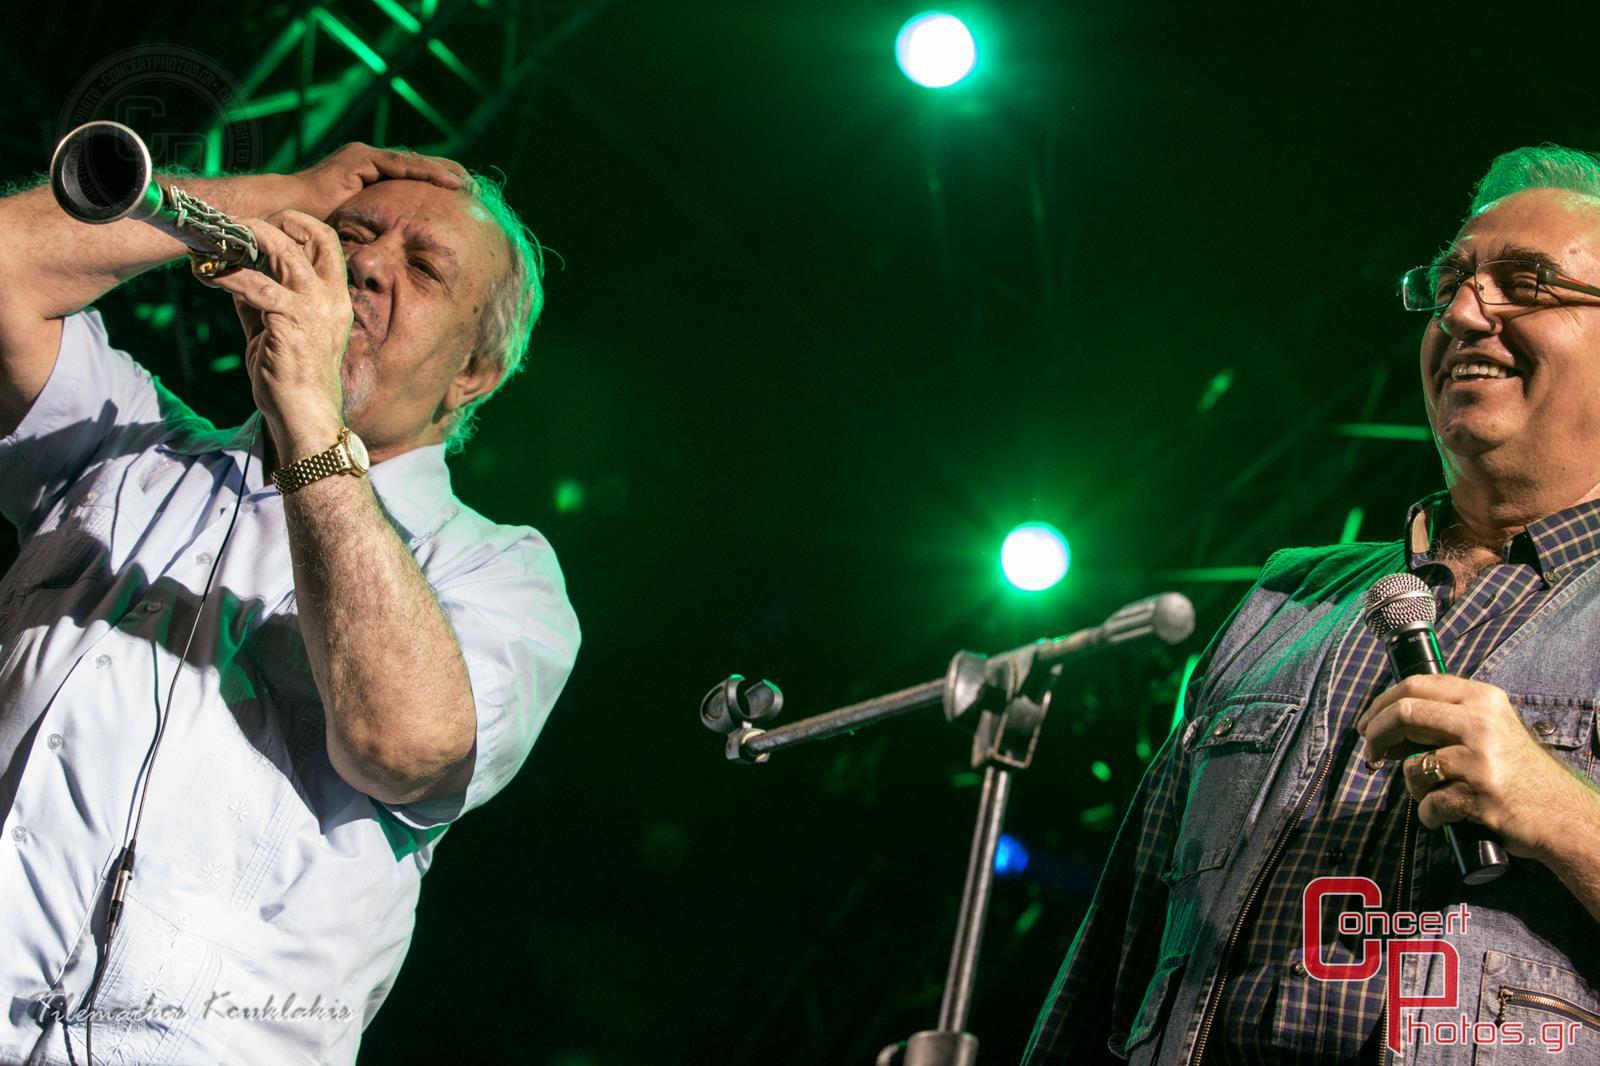 Μία συναυλία για τη Σχεδία 2014-Sxedia 2014 photographer:  - concertphotos_20140530_20_13_30-5